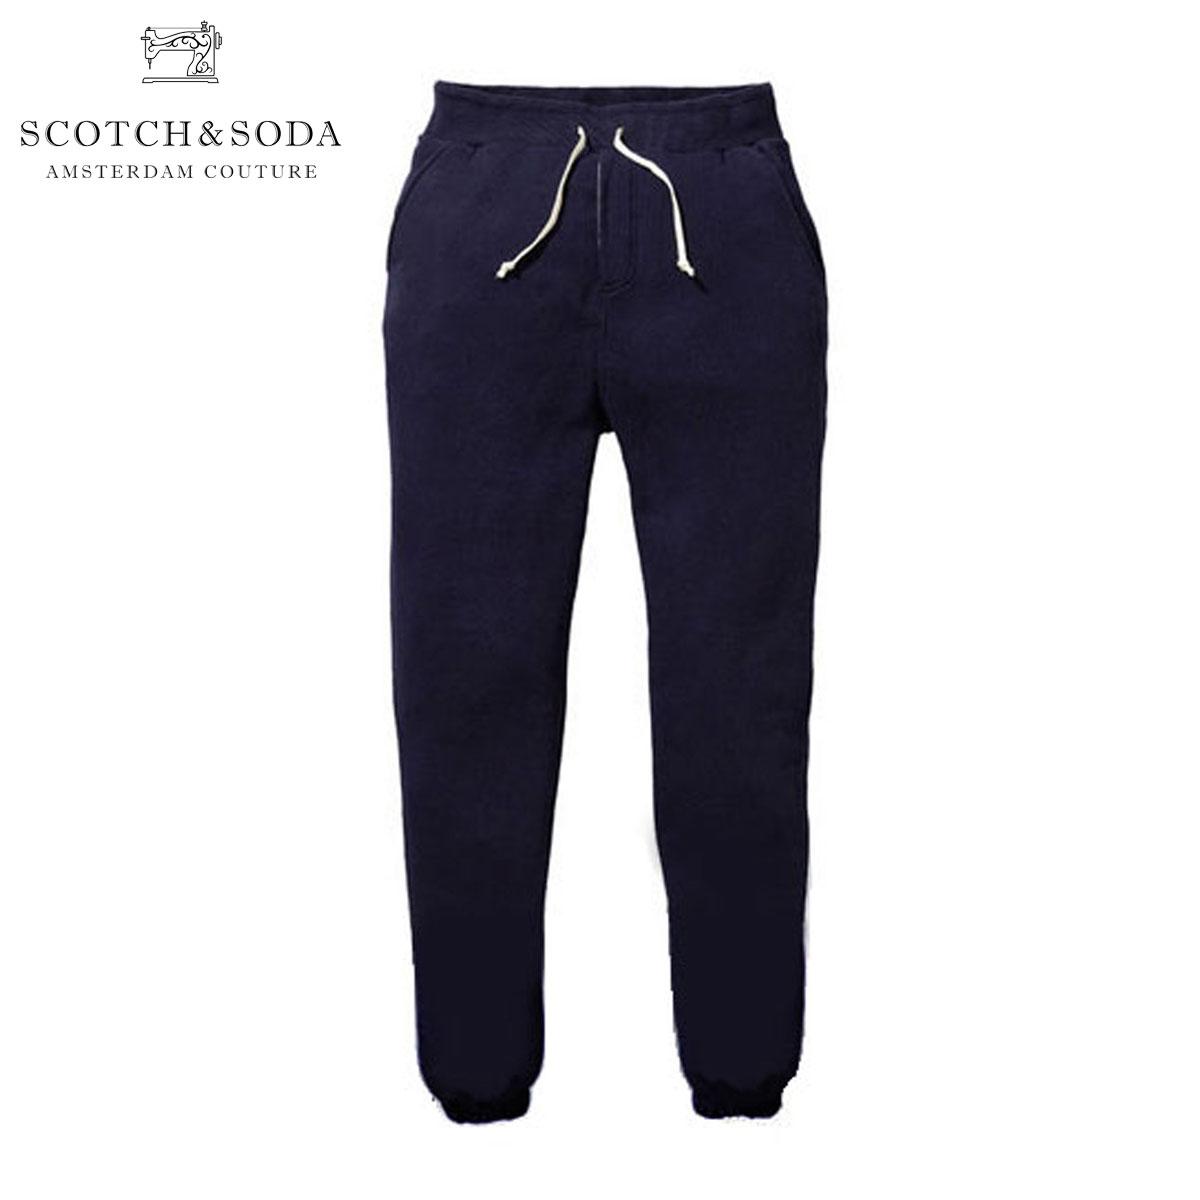 スコッチアンドソーダ SCOTCH&SODA 正規販売店 メンズ スウェットパンツ Classic Home Alone sweat pant 83390 57 D15S25